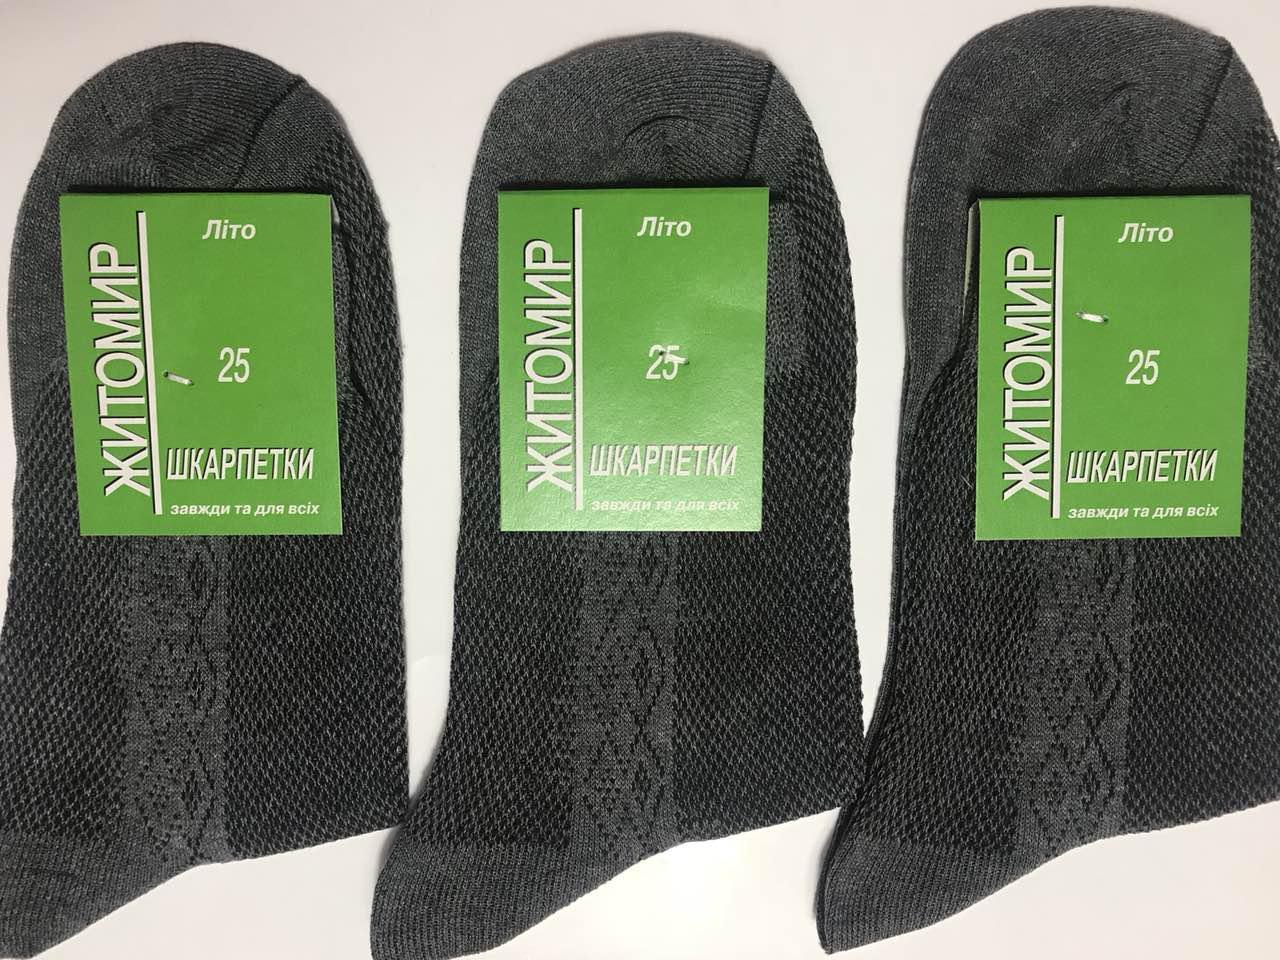 Шкарпетки чоловічі літні сітка Житомир розмір 25(38-40) темно-сірі